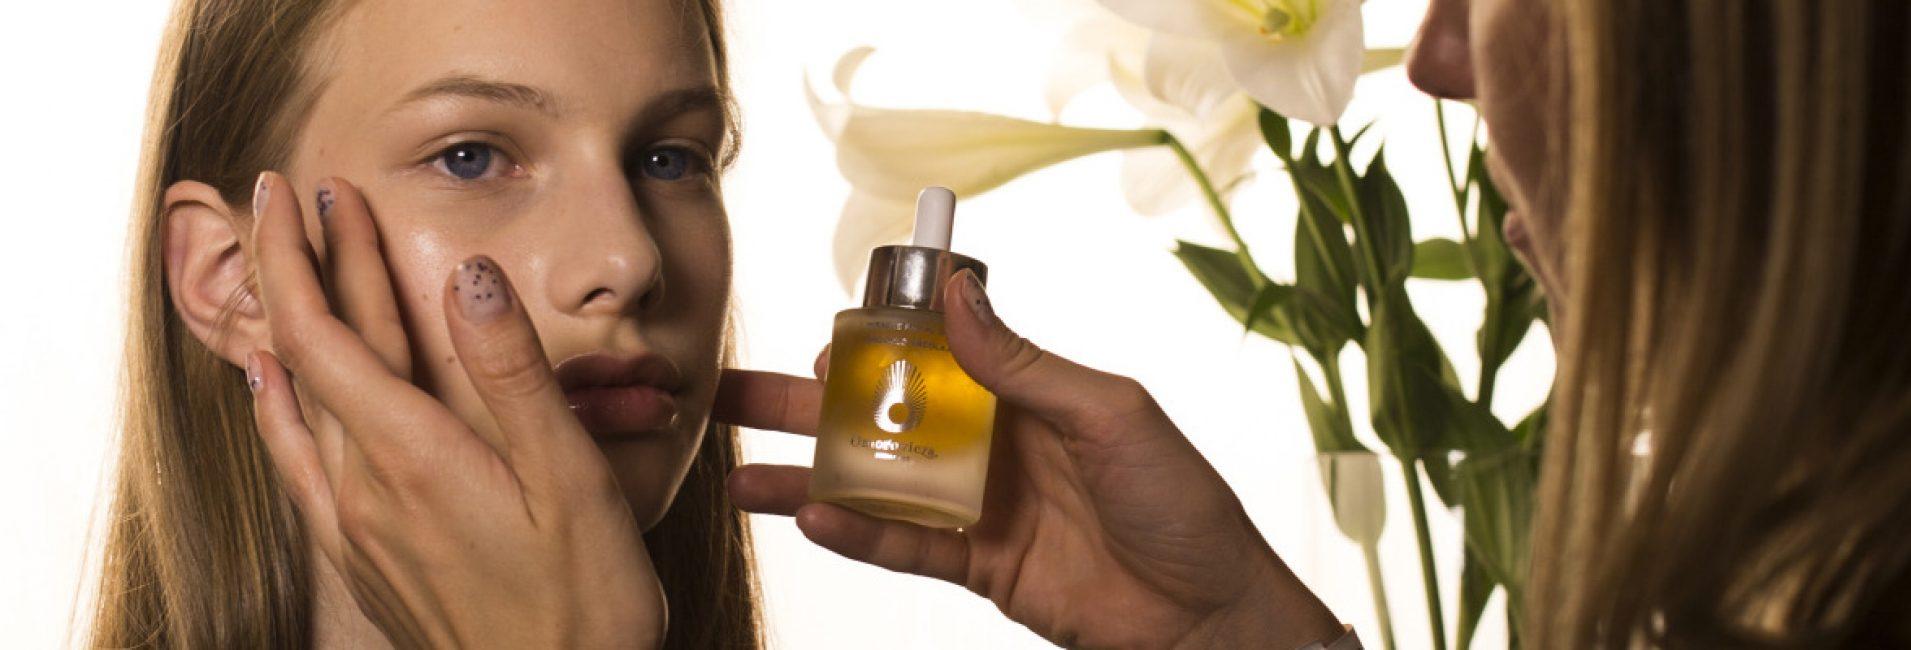 Облепиховое масло оказывает благотворный эффект на кожу